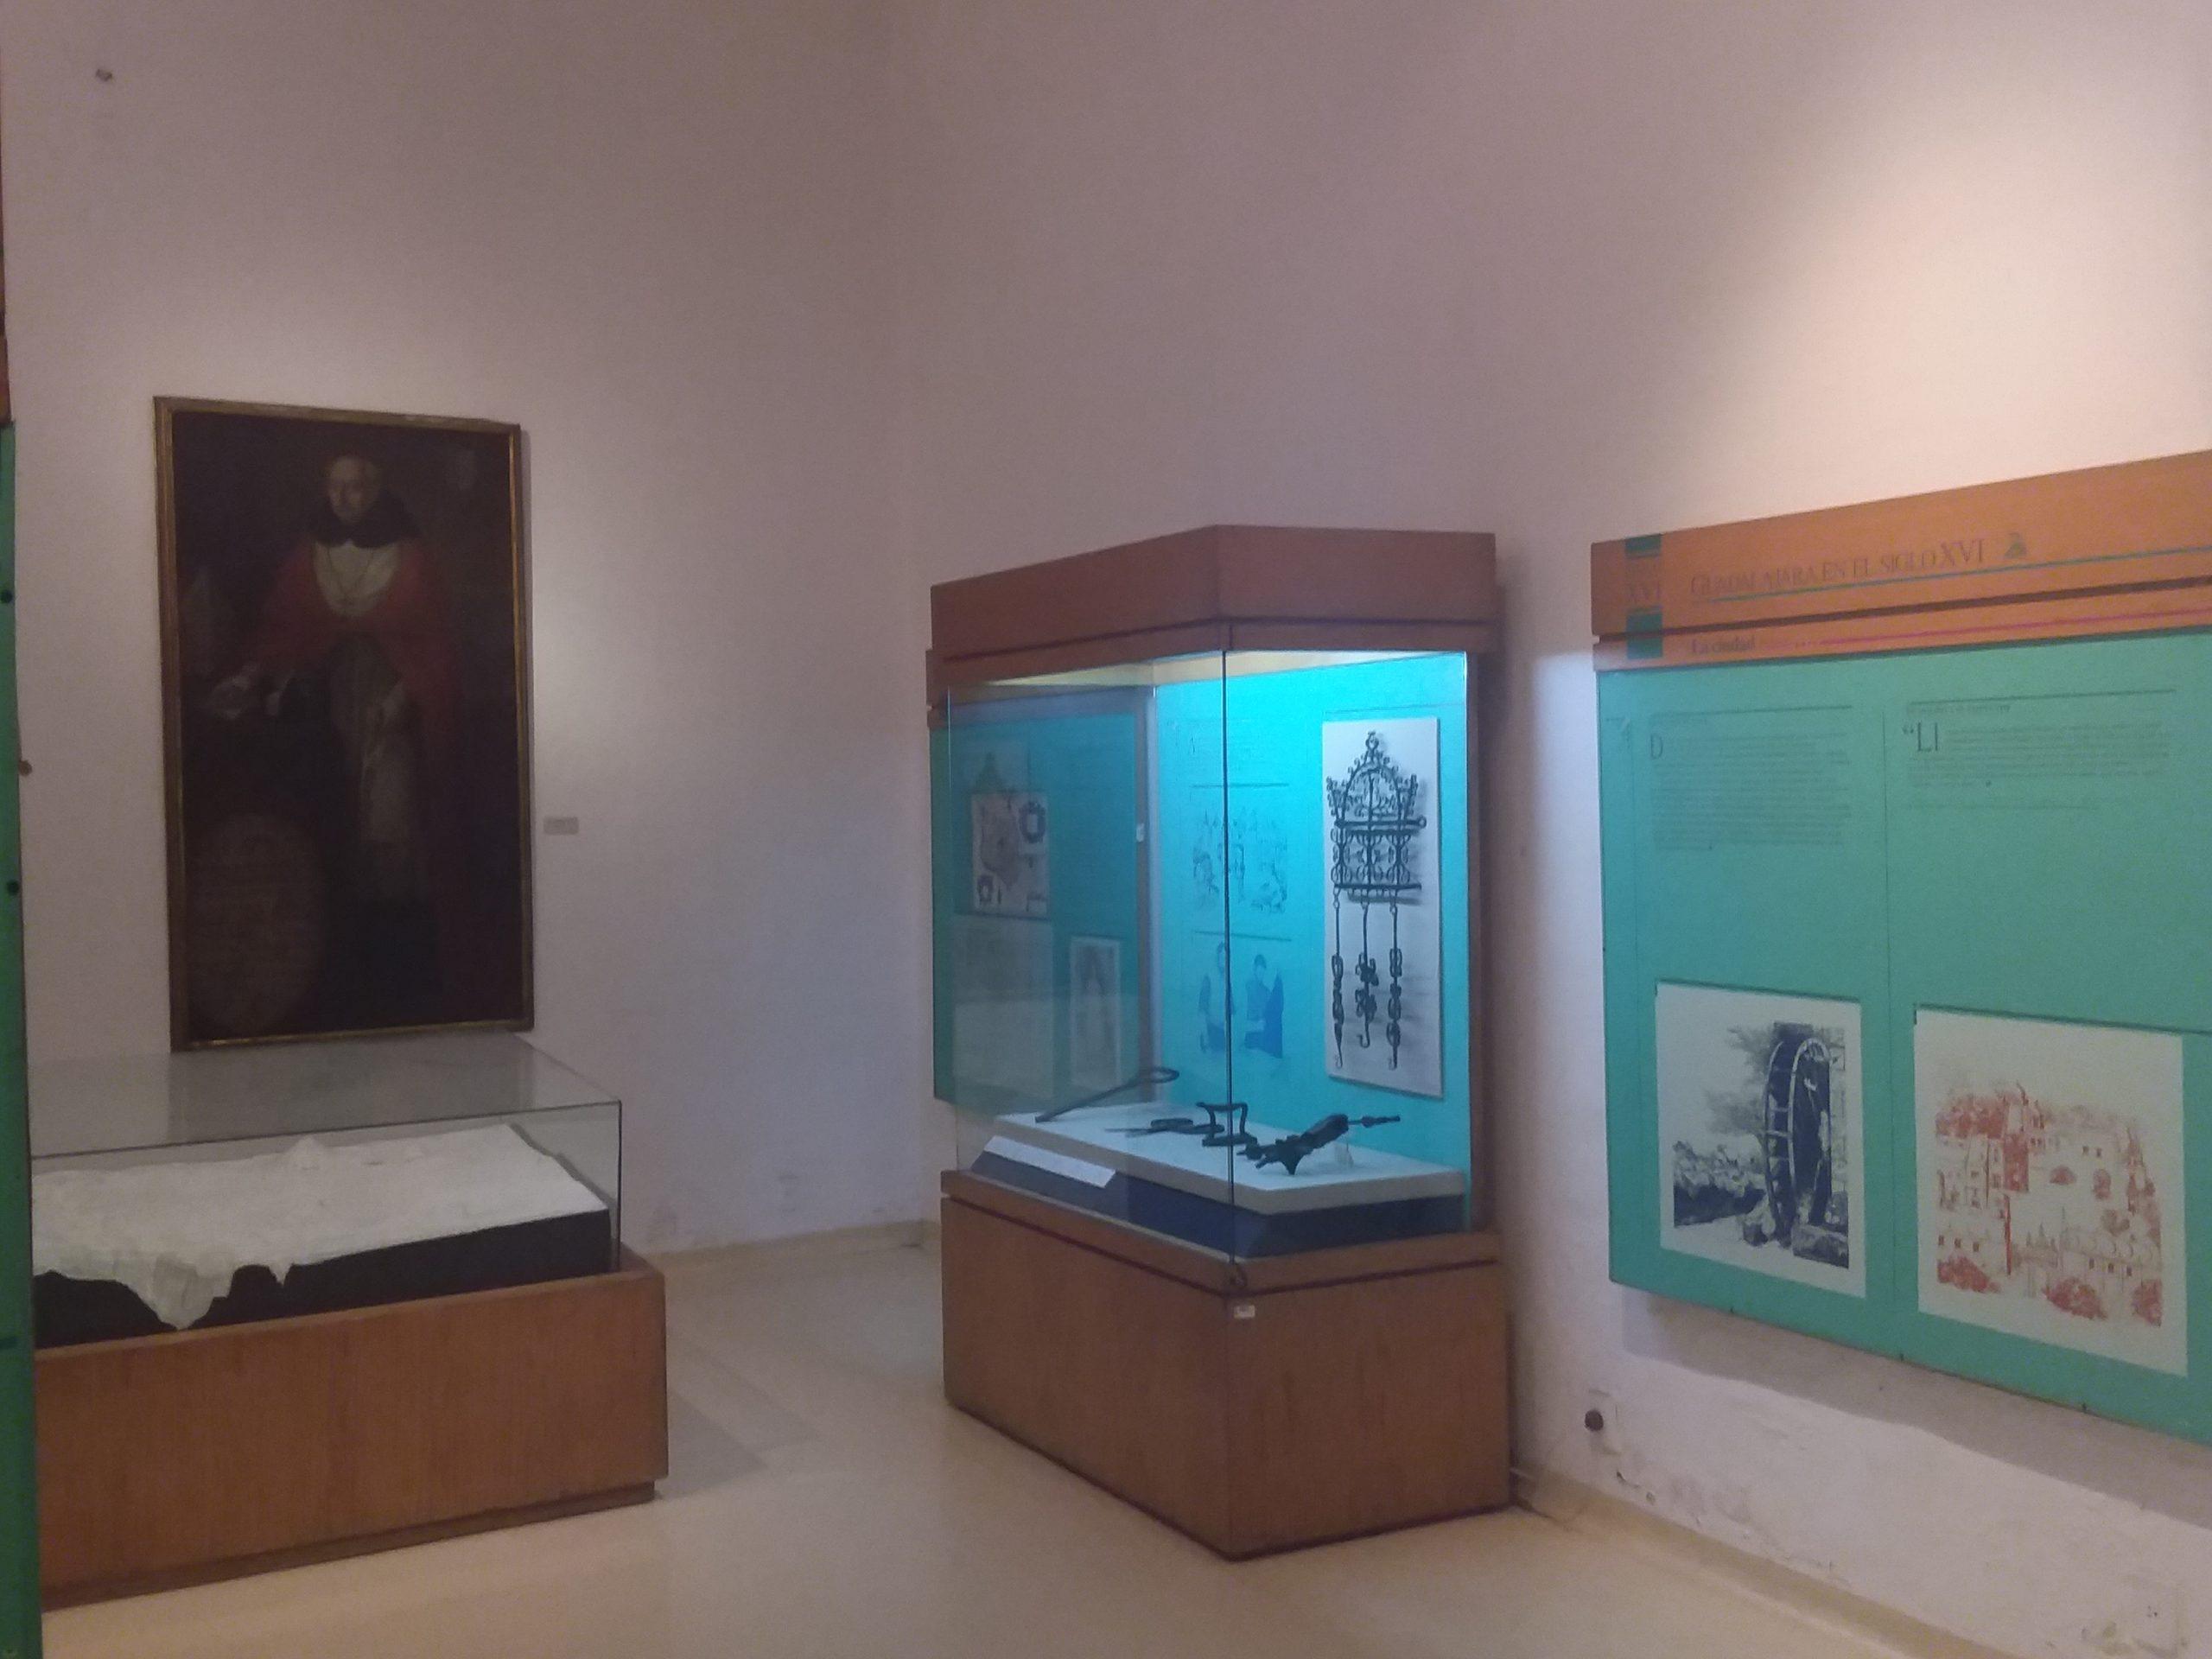 Museo de la ciudad guadalajara